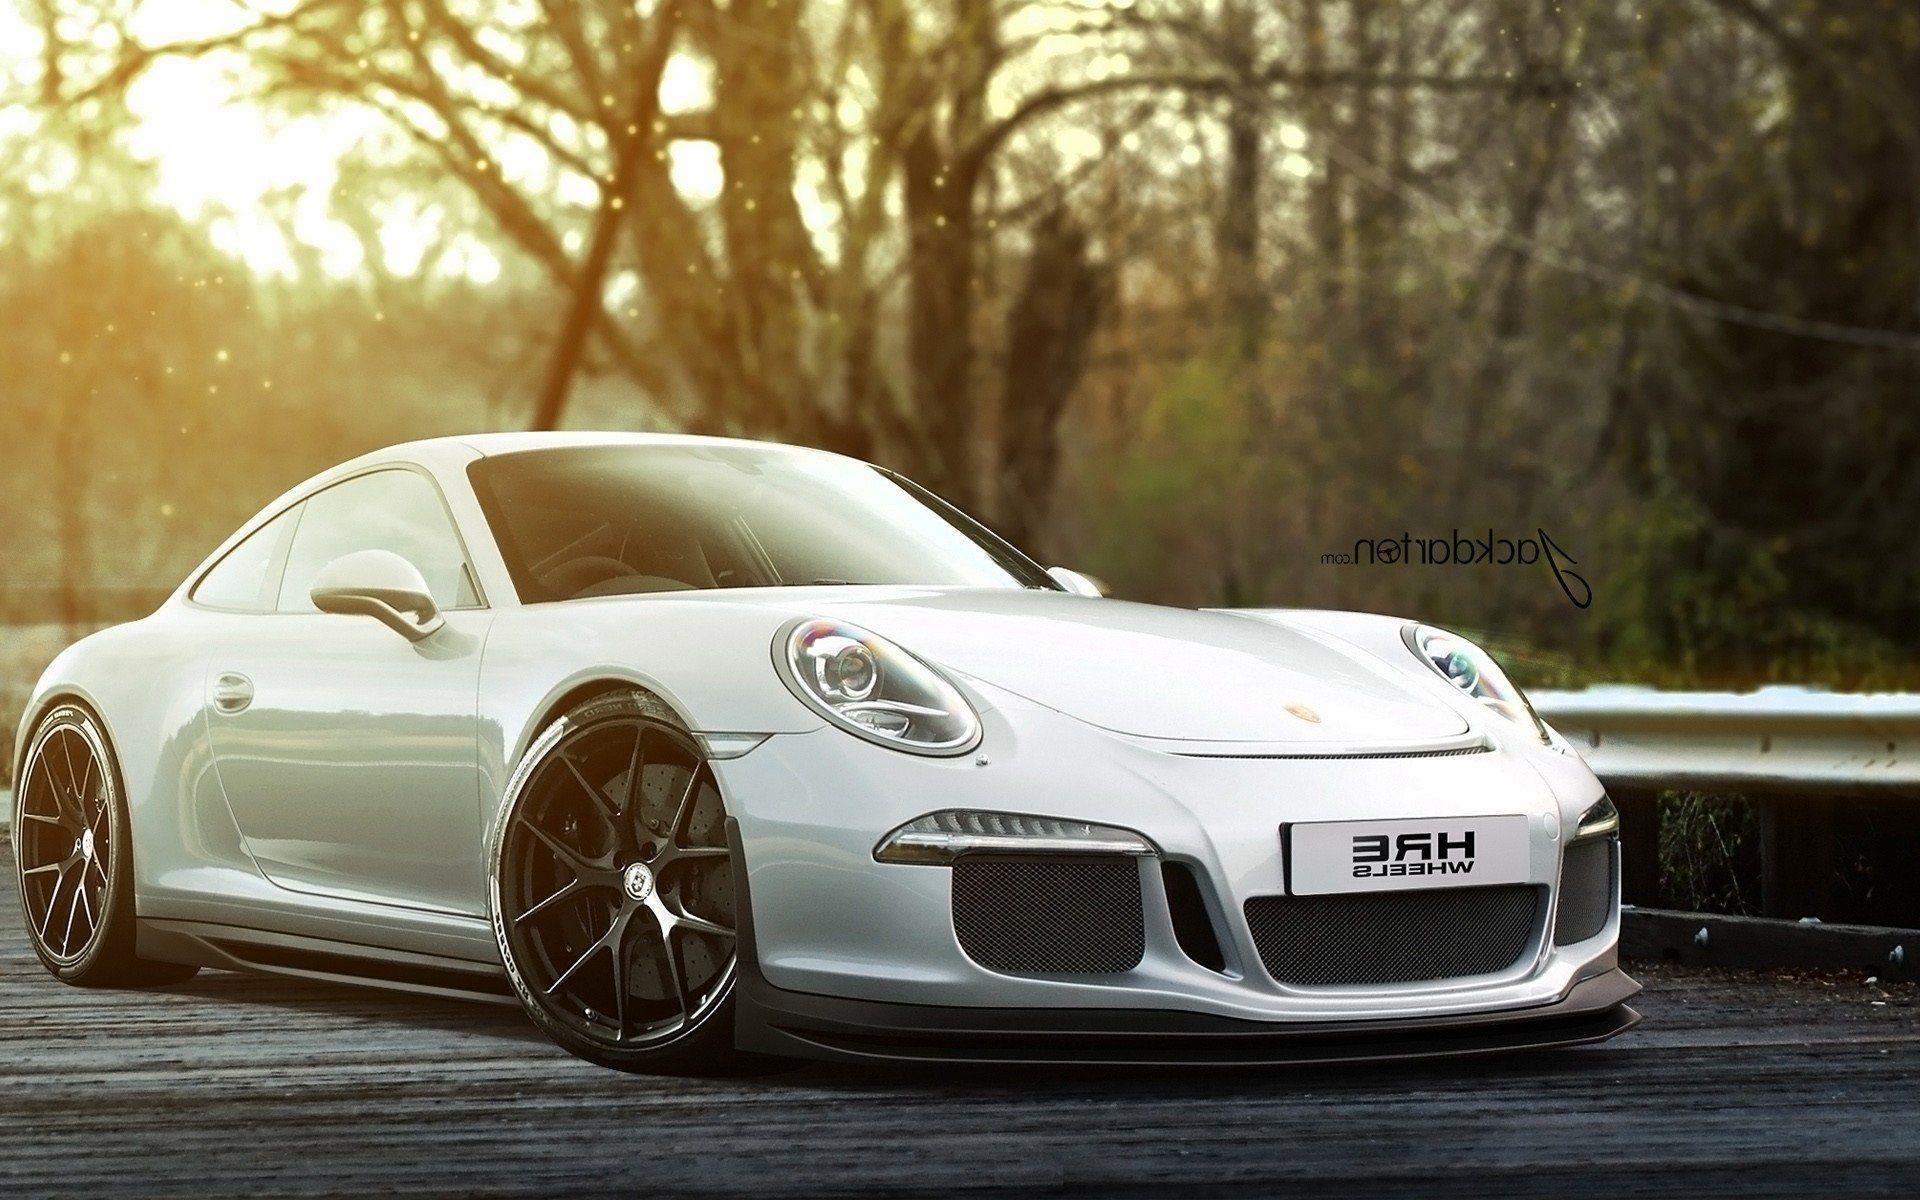 1920x1200 Porsche Hd Wallpaper Background Porsche 911 Gt3 Porsche Porsche 911